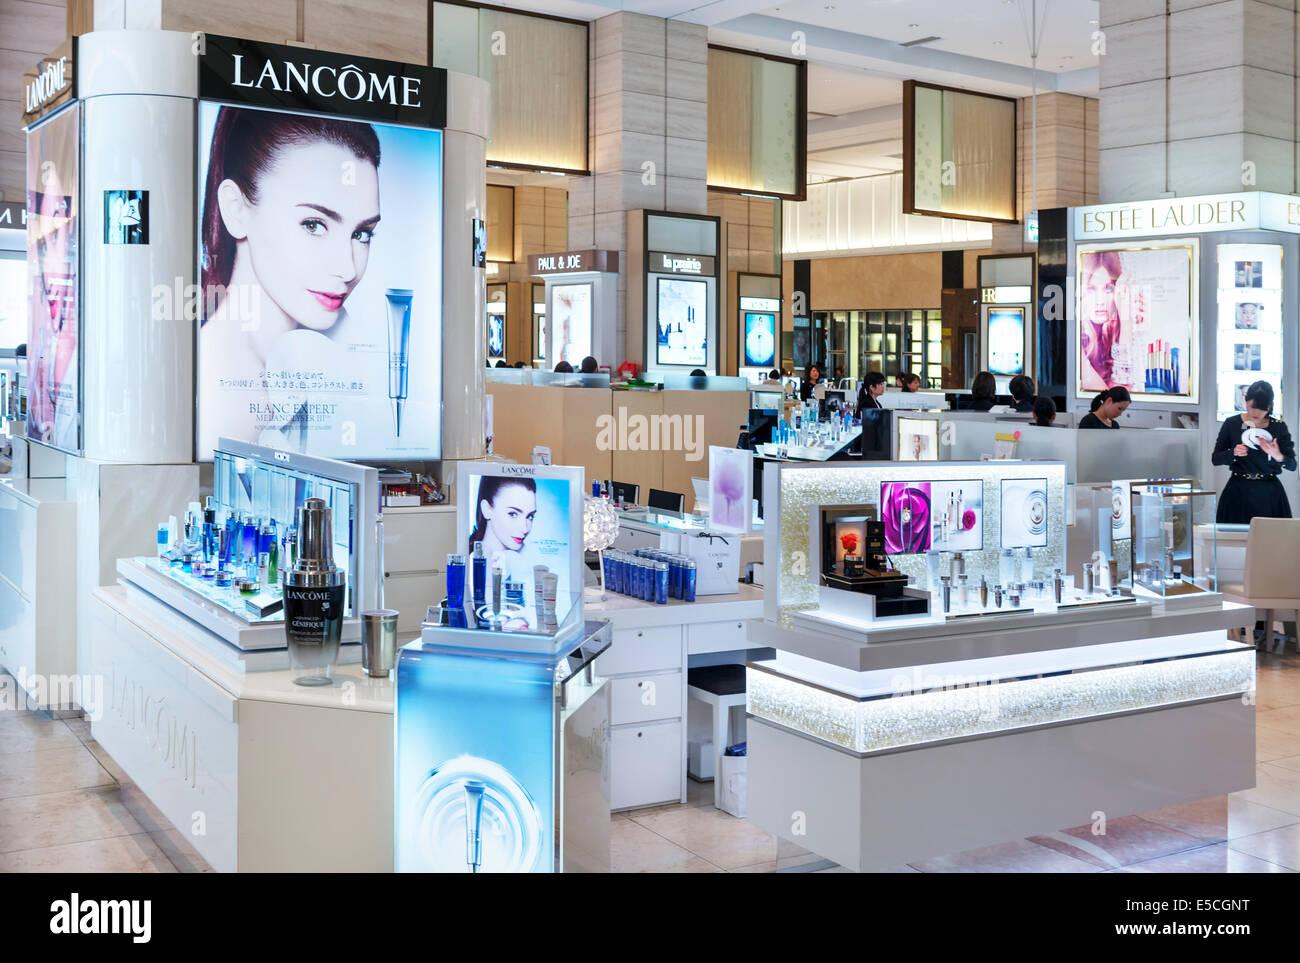 Lancome Parfüm und Kosmetik speichern Display in Tokio, Japan Stockbild